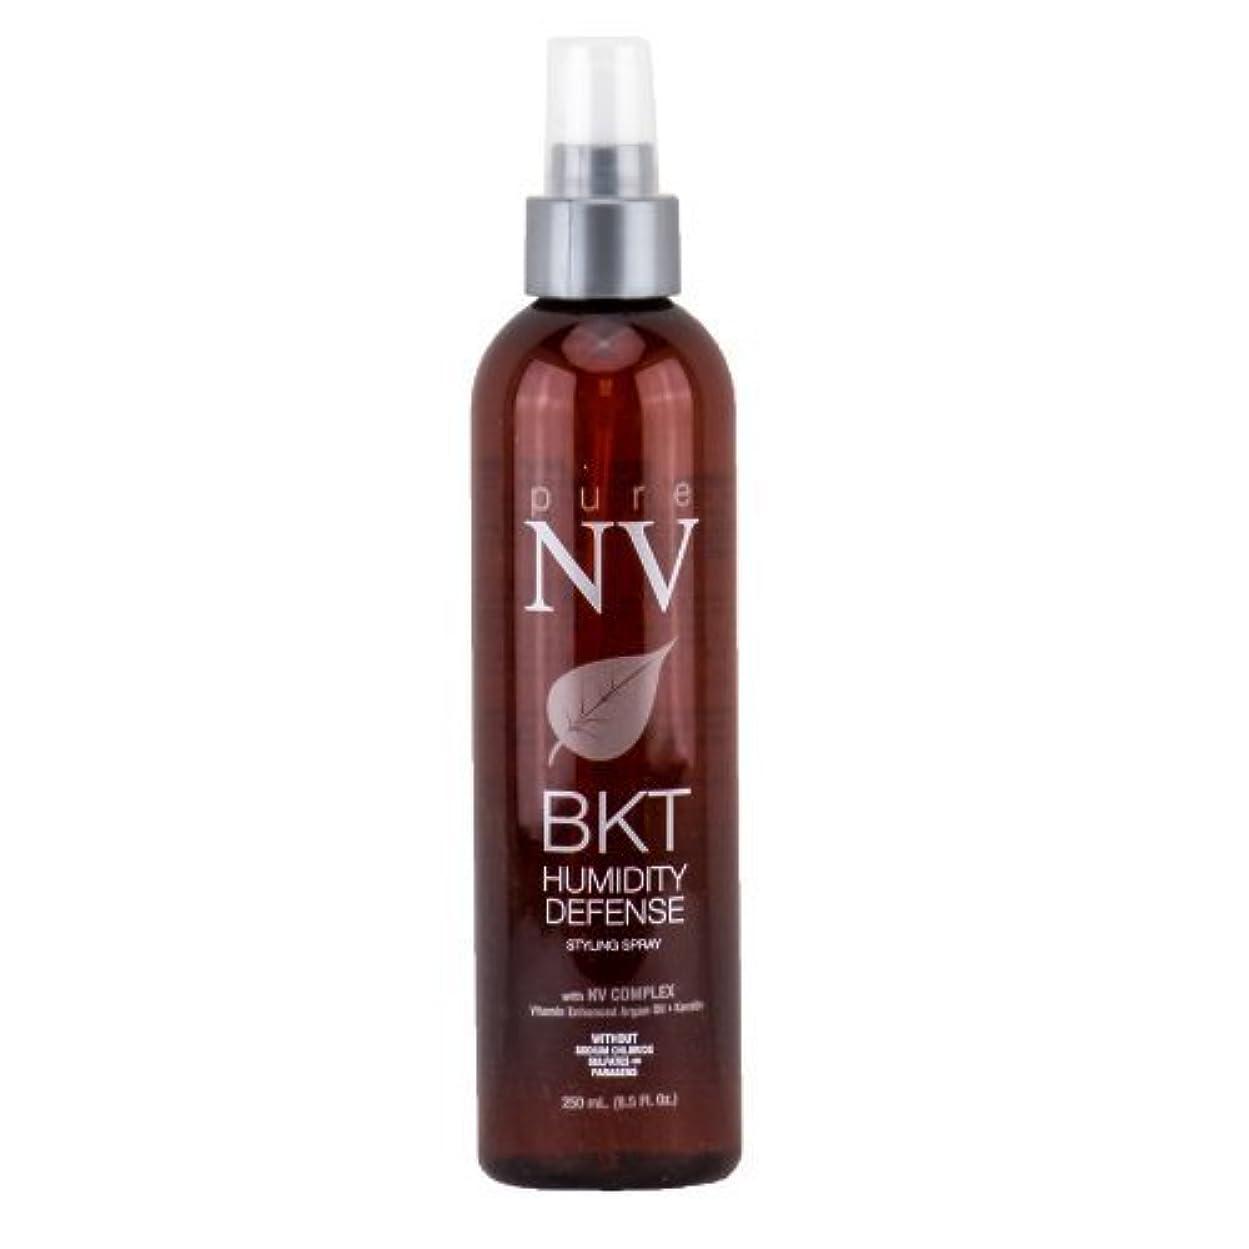 バージン説教する一貫性のないPure NV BKT 湿度防衛スタイリングスプレー - 8.5オンス 8.5オンス